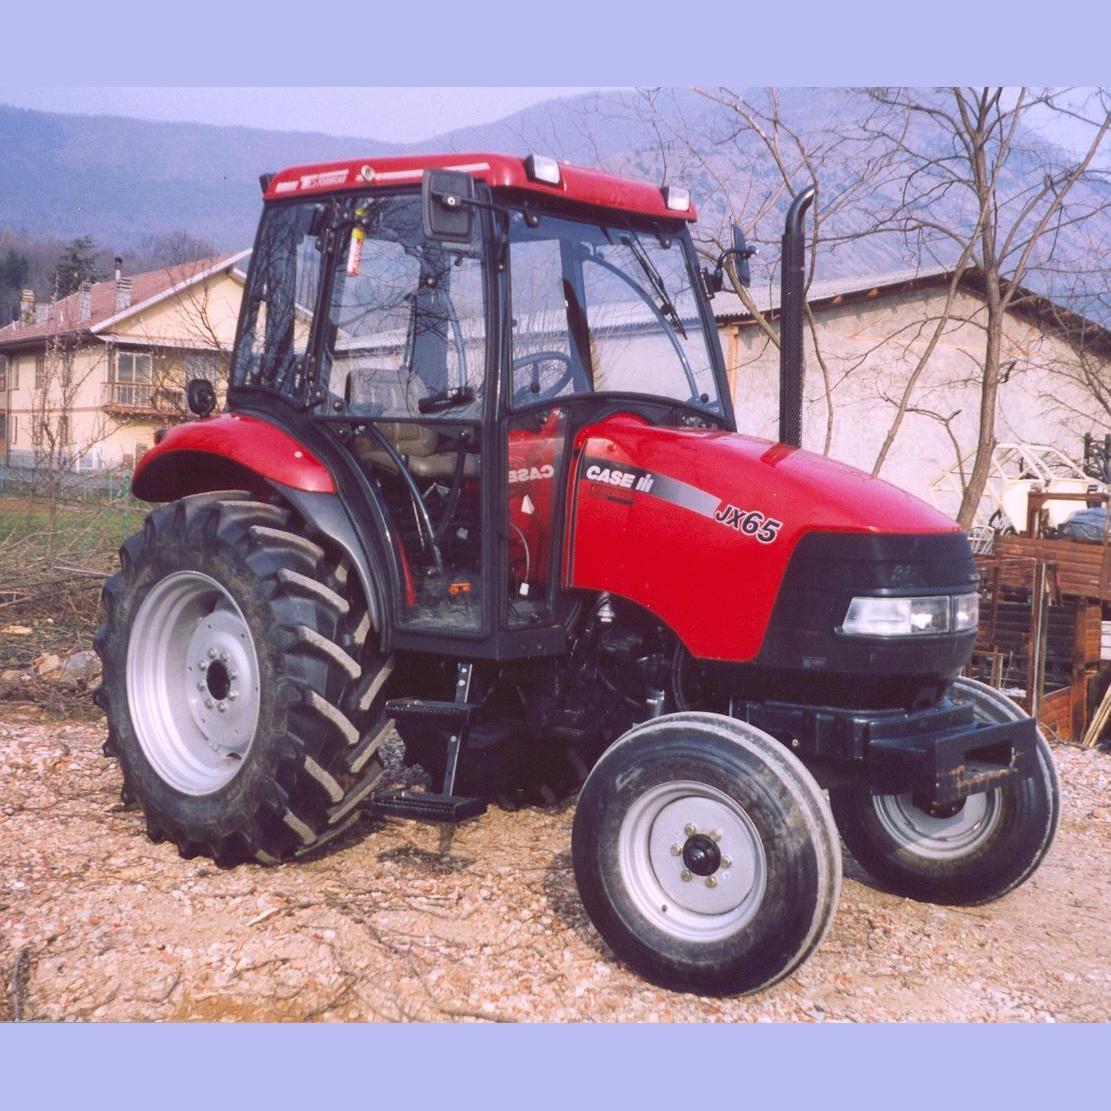 Cabine per trattori marca Case IH JX 60-65-70-75-80-85-90-95*-0